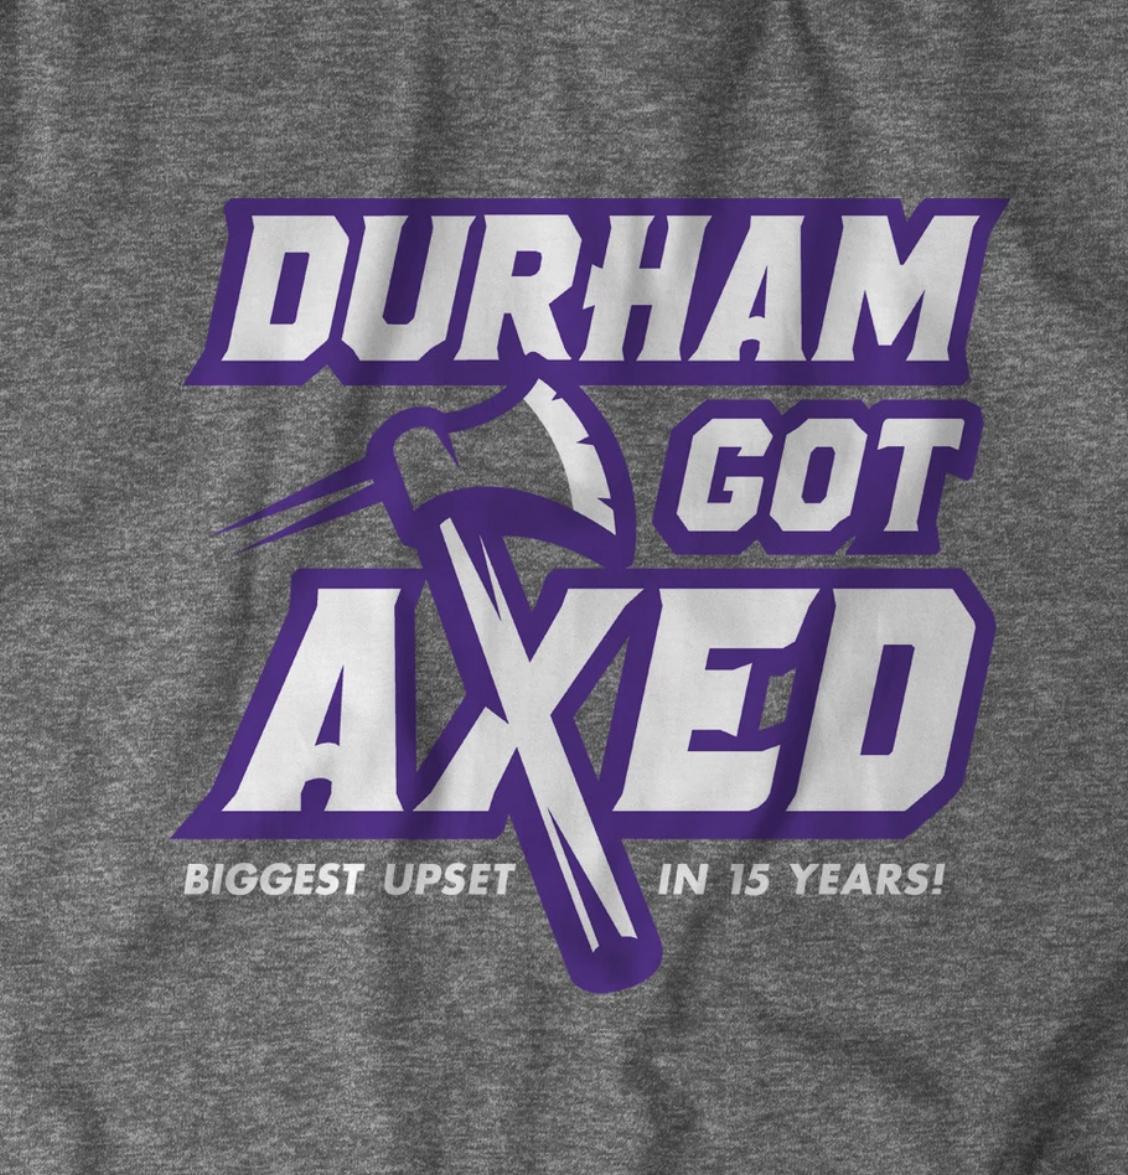 Durham Got Axed shirt